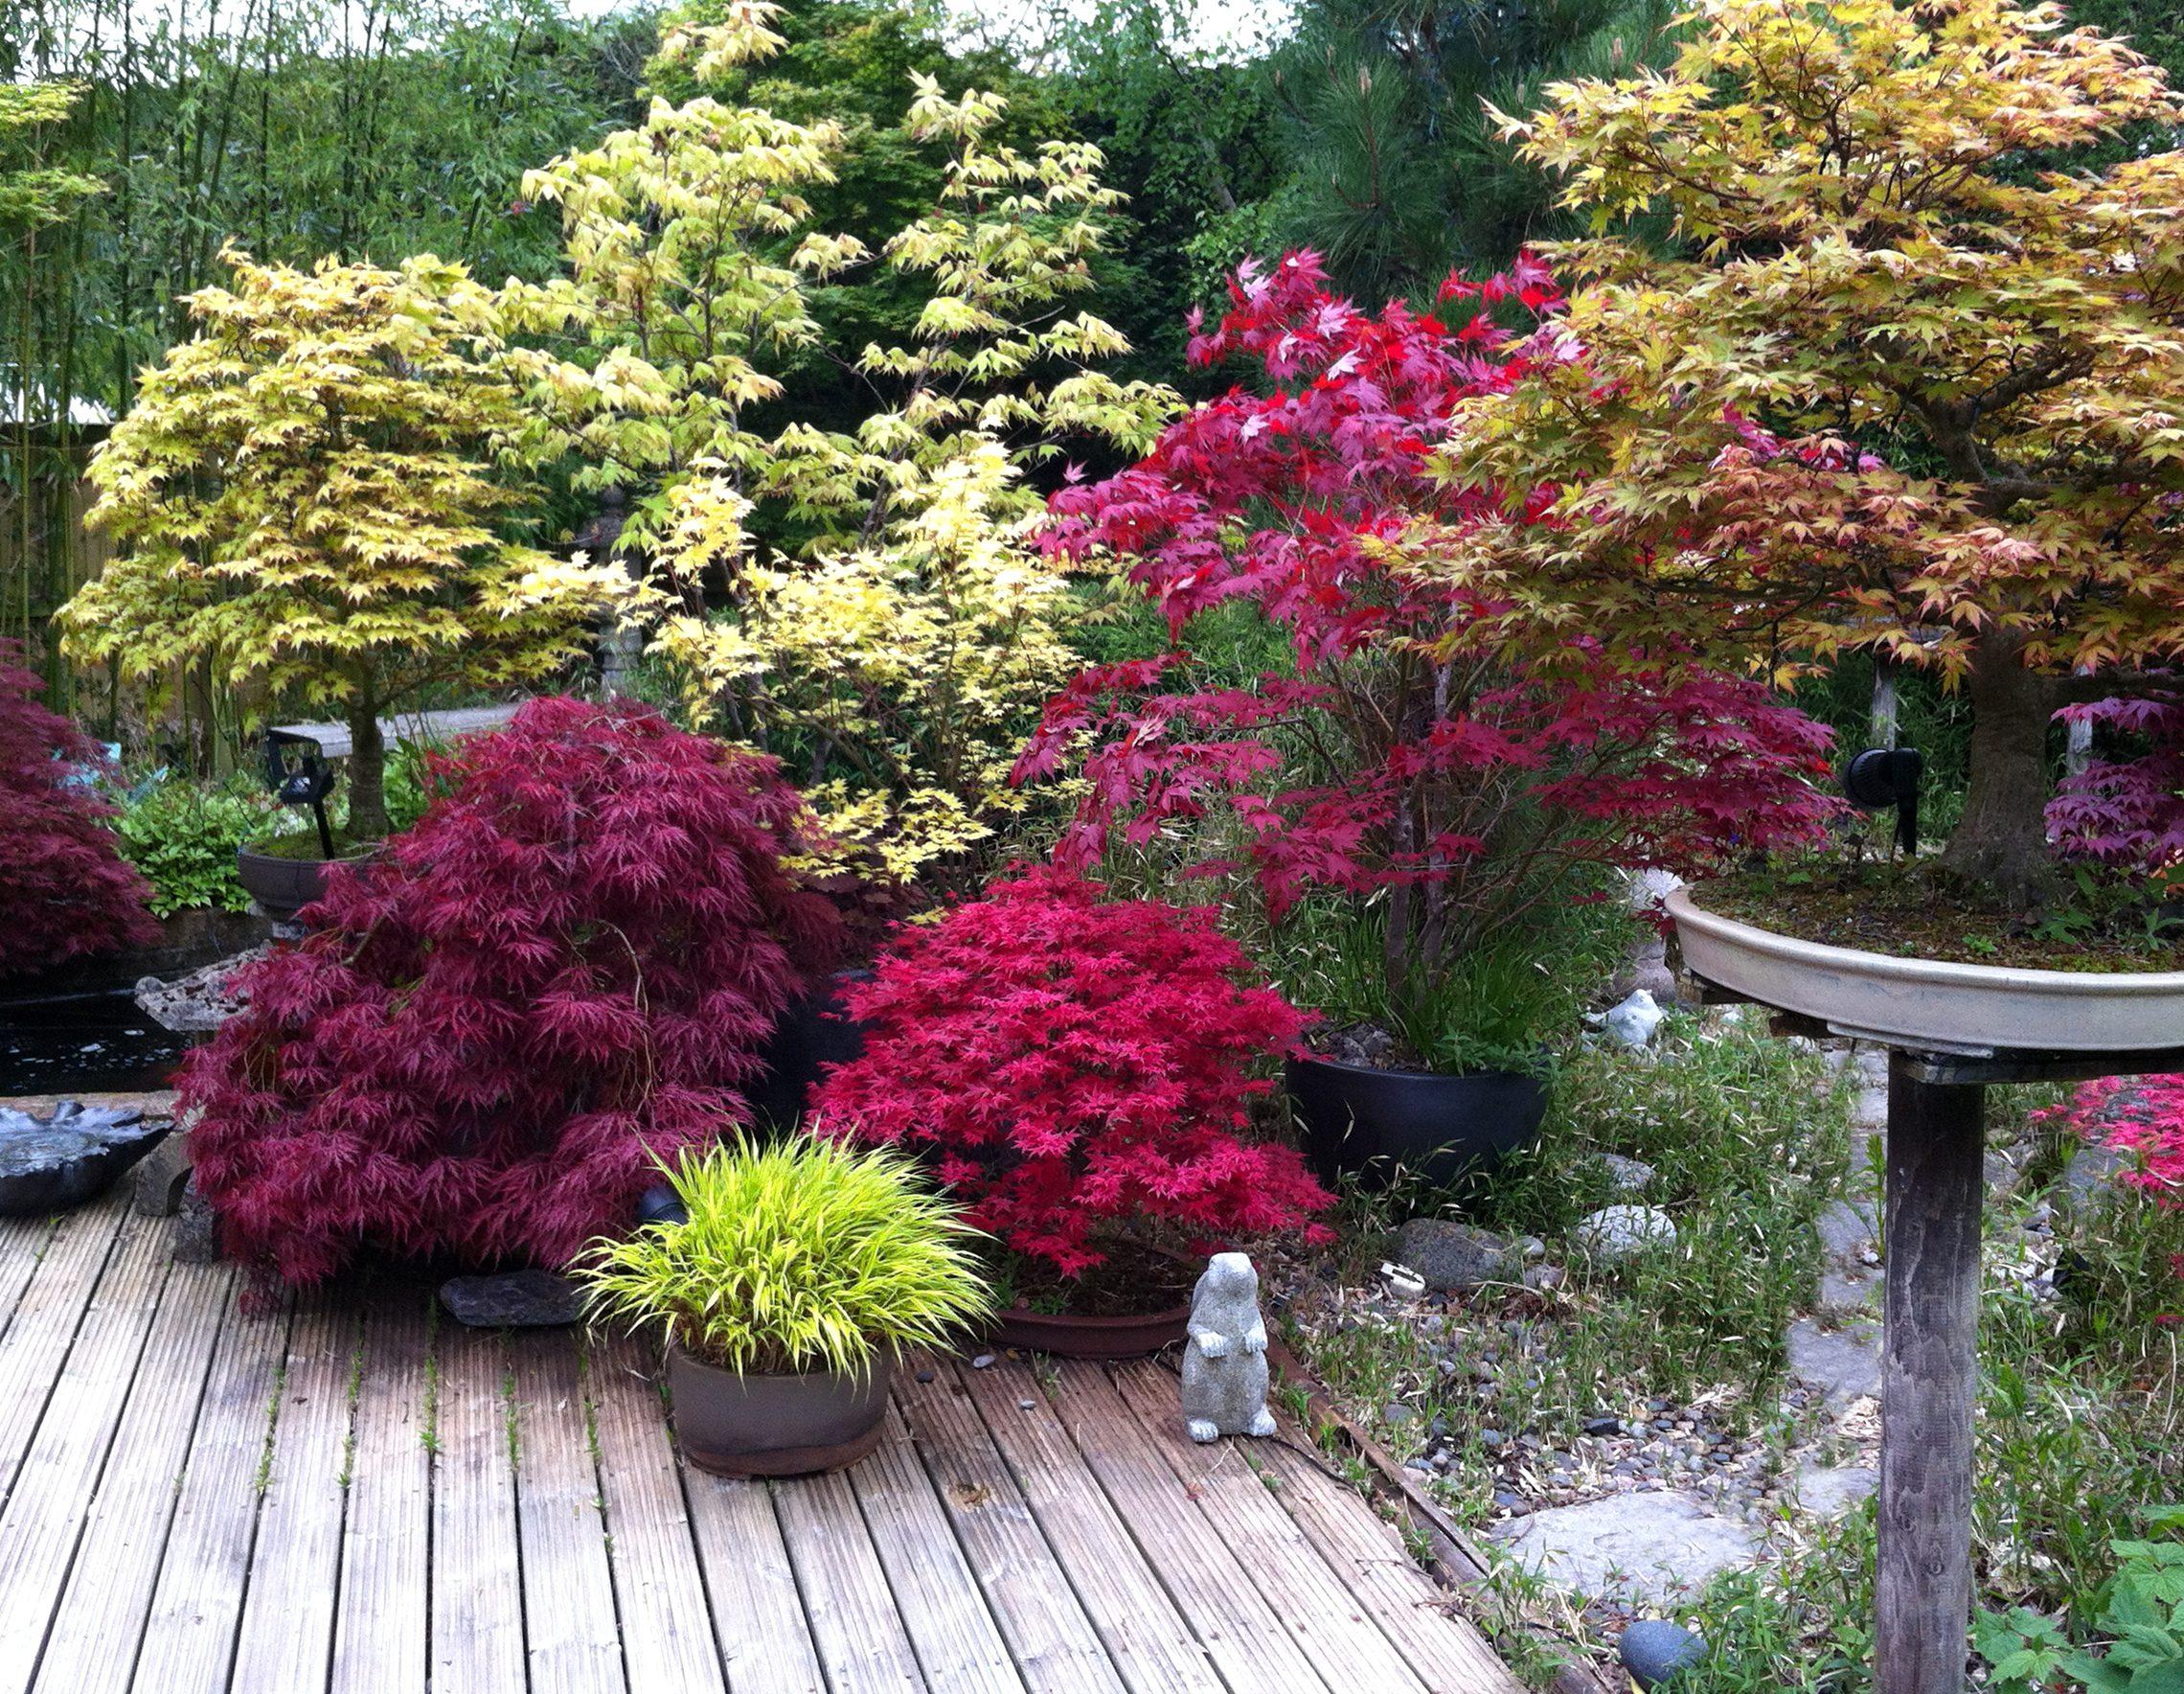 Periodo Migliore Per Potare Quercia creare un bonsai di quercia non è mai stato così facile! | ohga!